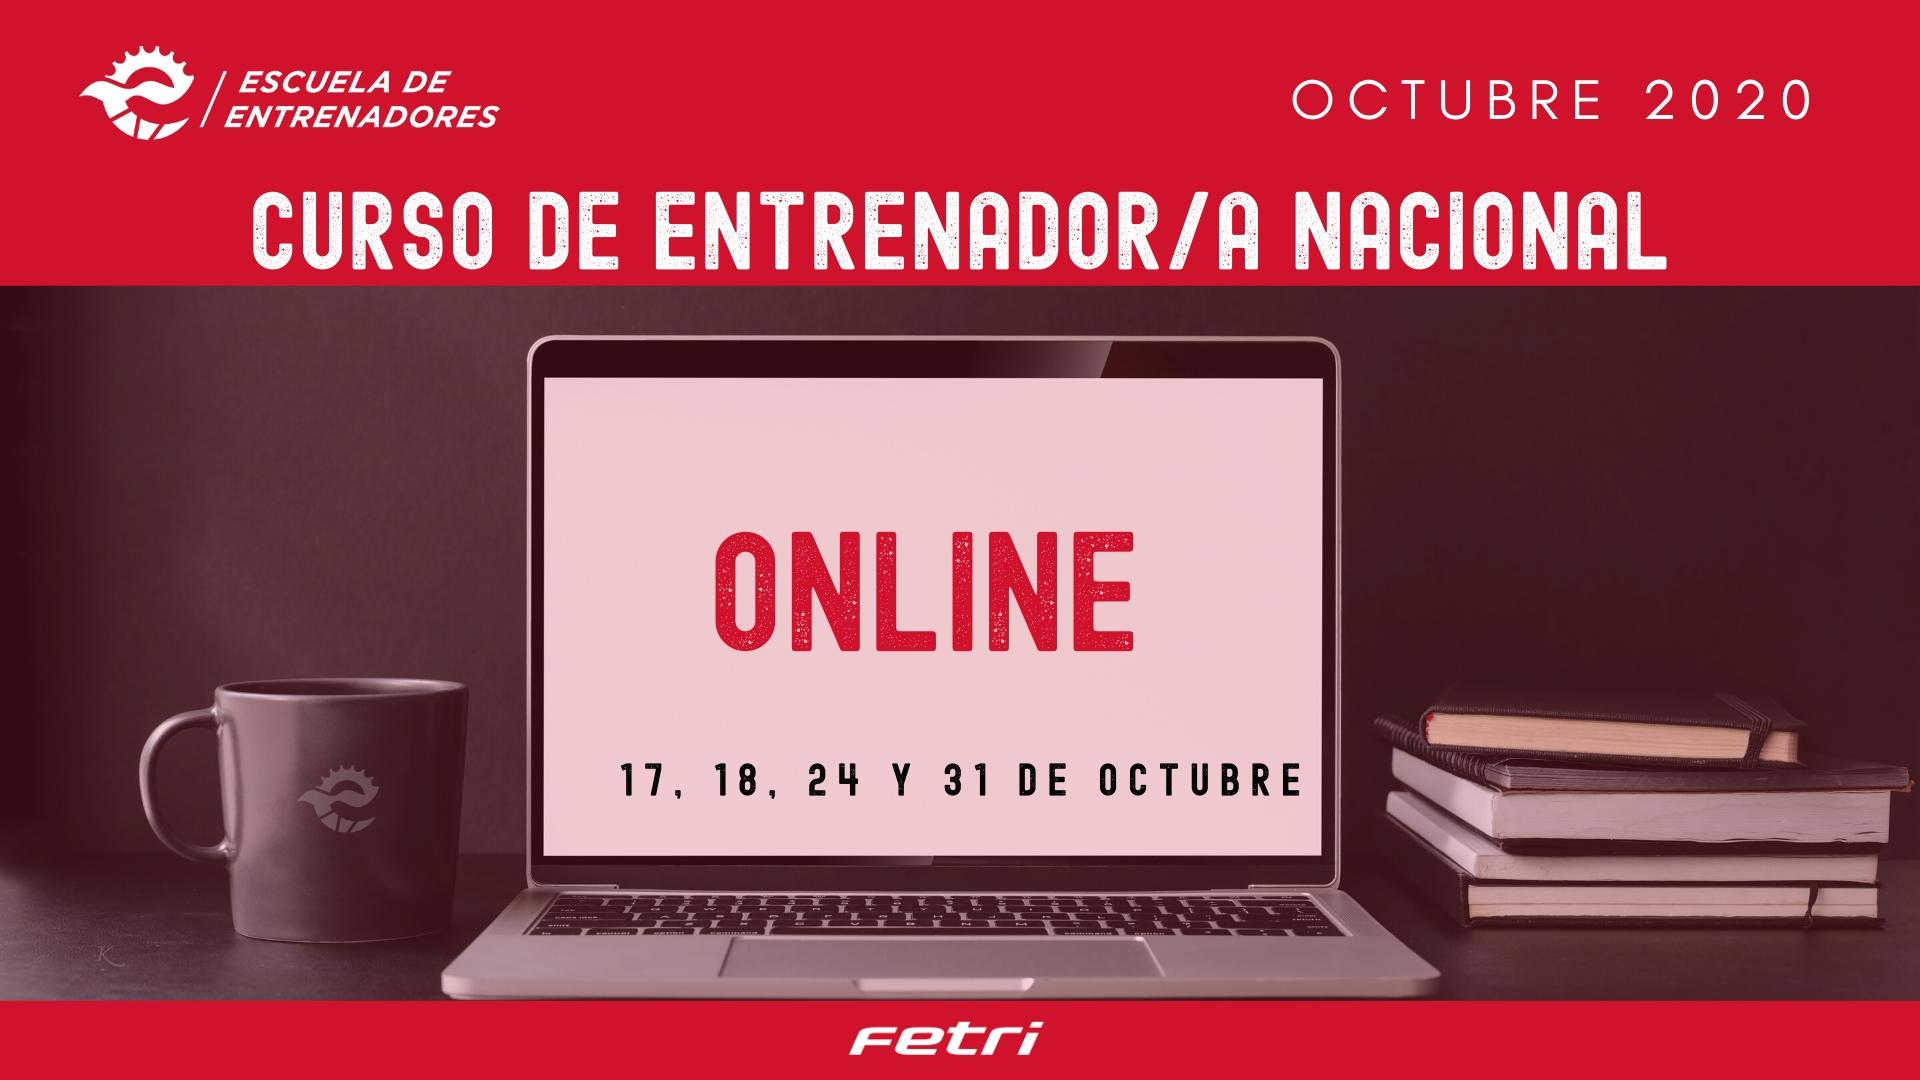 Convocatoria para el Curso on line de Entrenador Nacional de Triatlón del mes de octubre